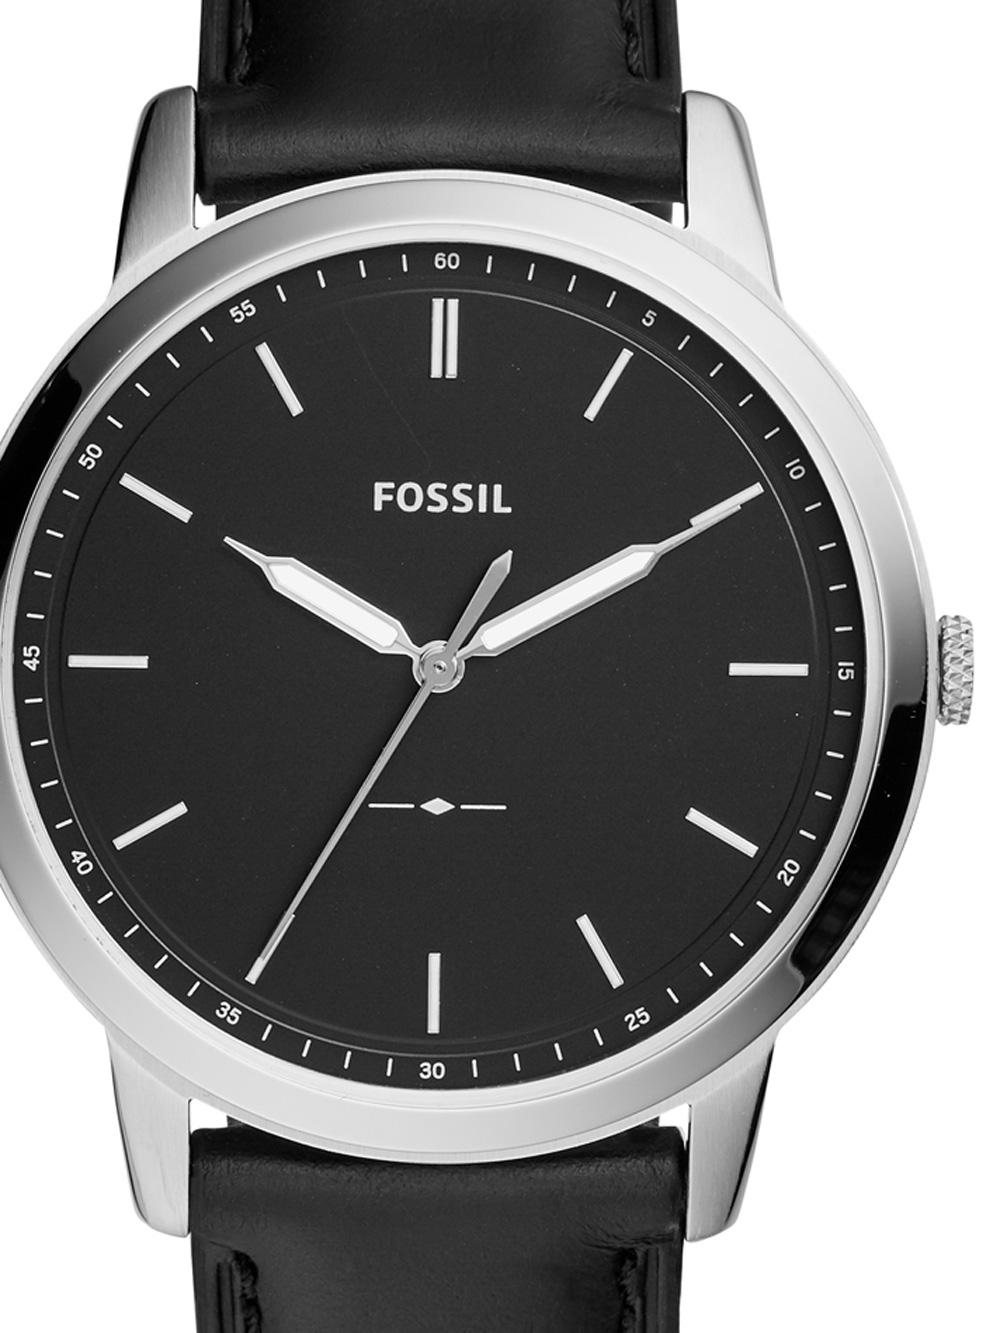 Fossil FS5398 The Minimalist Herren 44mm 5ATM